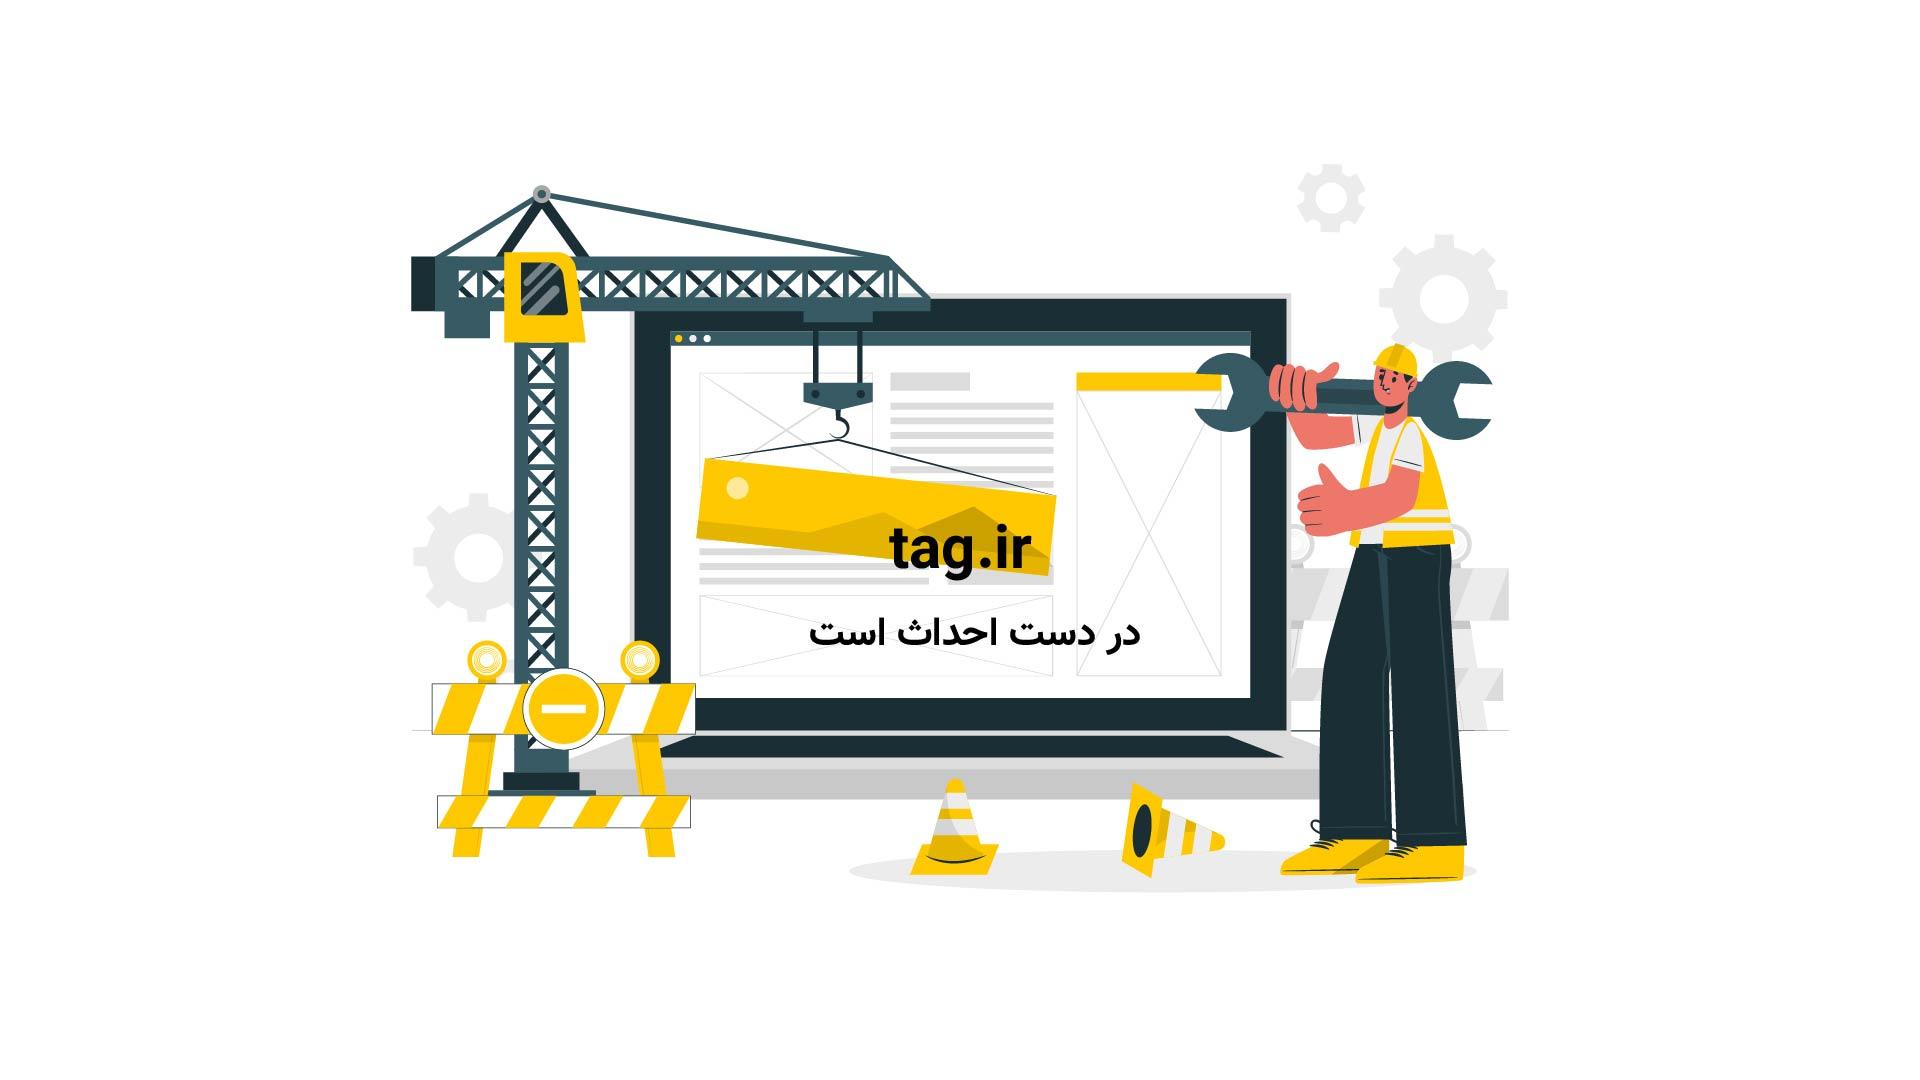 بازی اکشن کهکشان در آتش 3 مانتیکور | فیلم